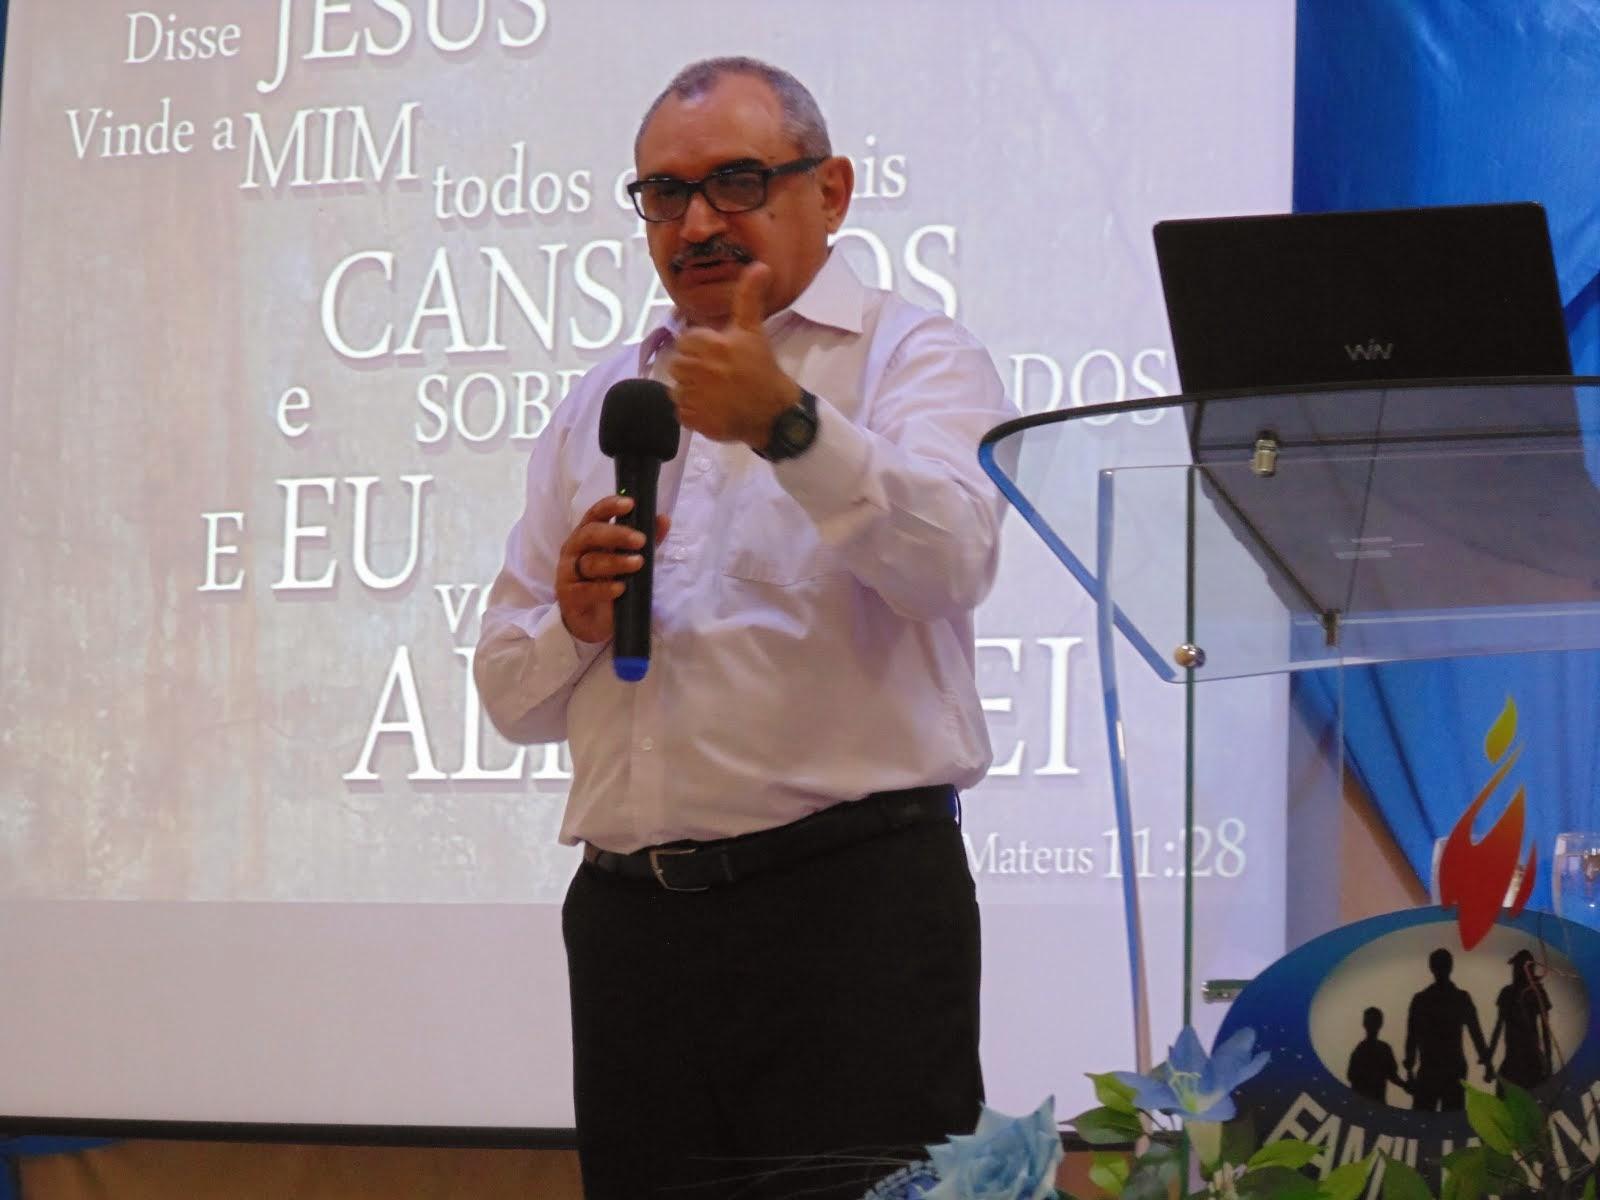 Ministrando sobre a Teologia do Cansado